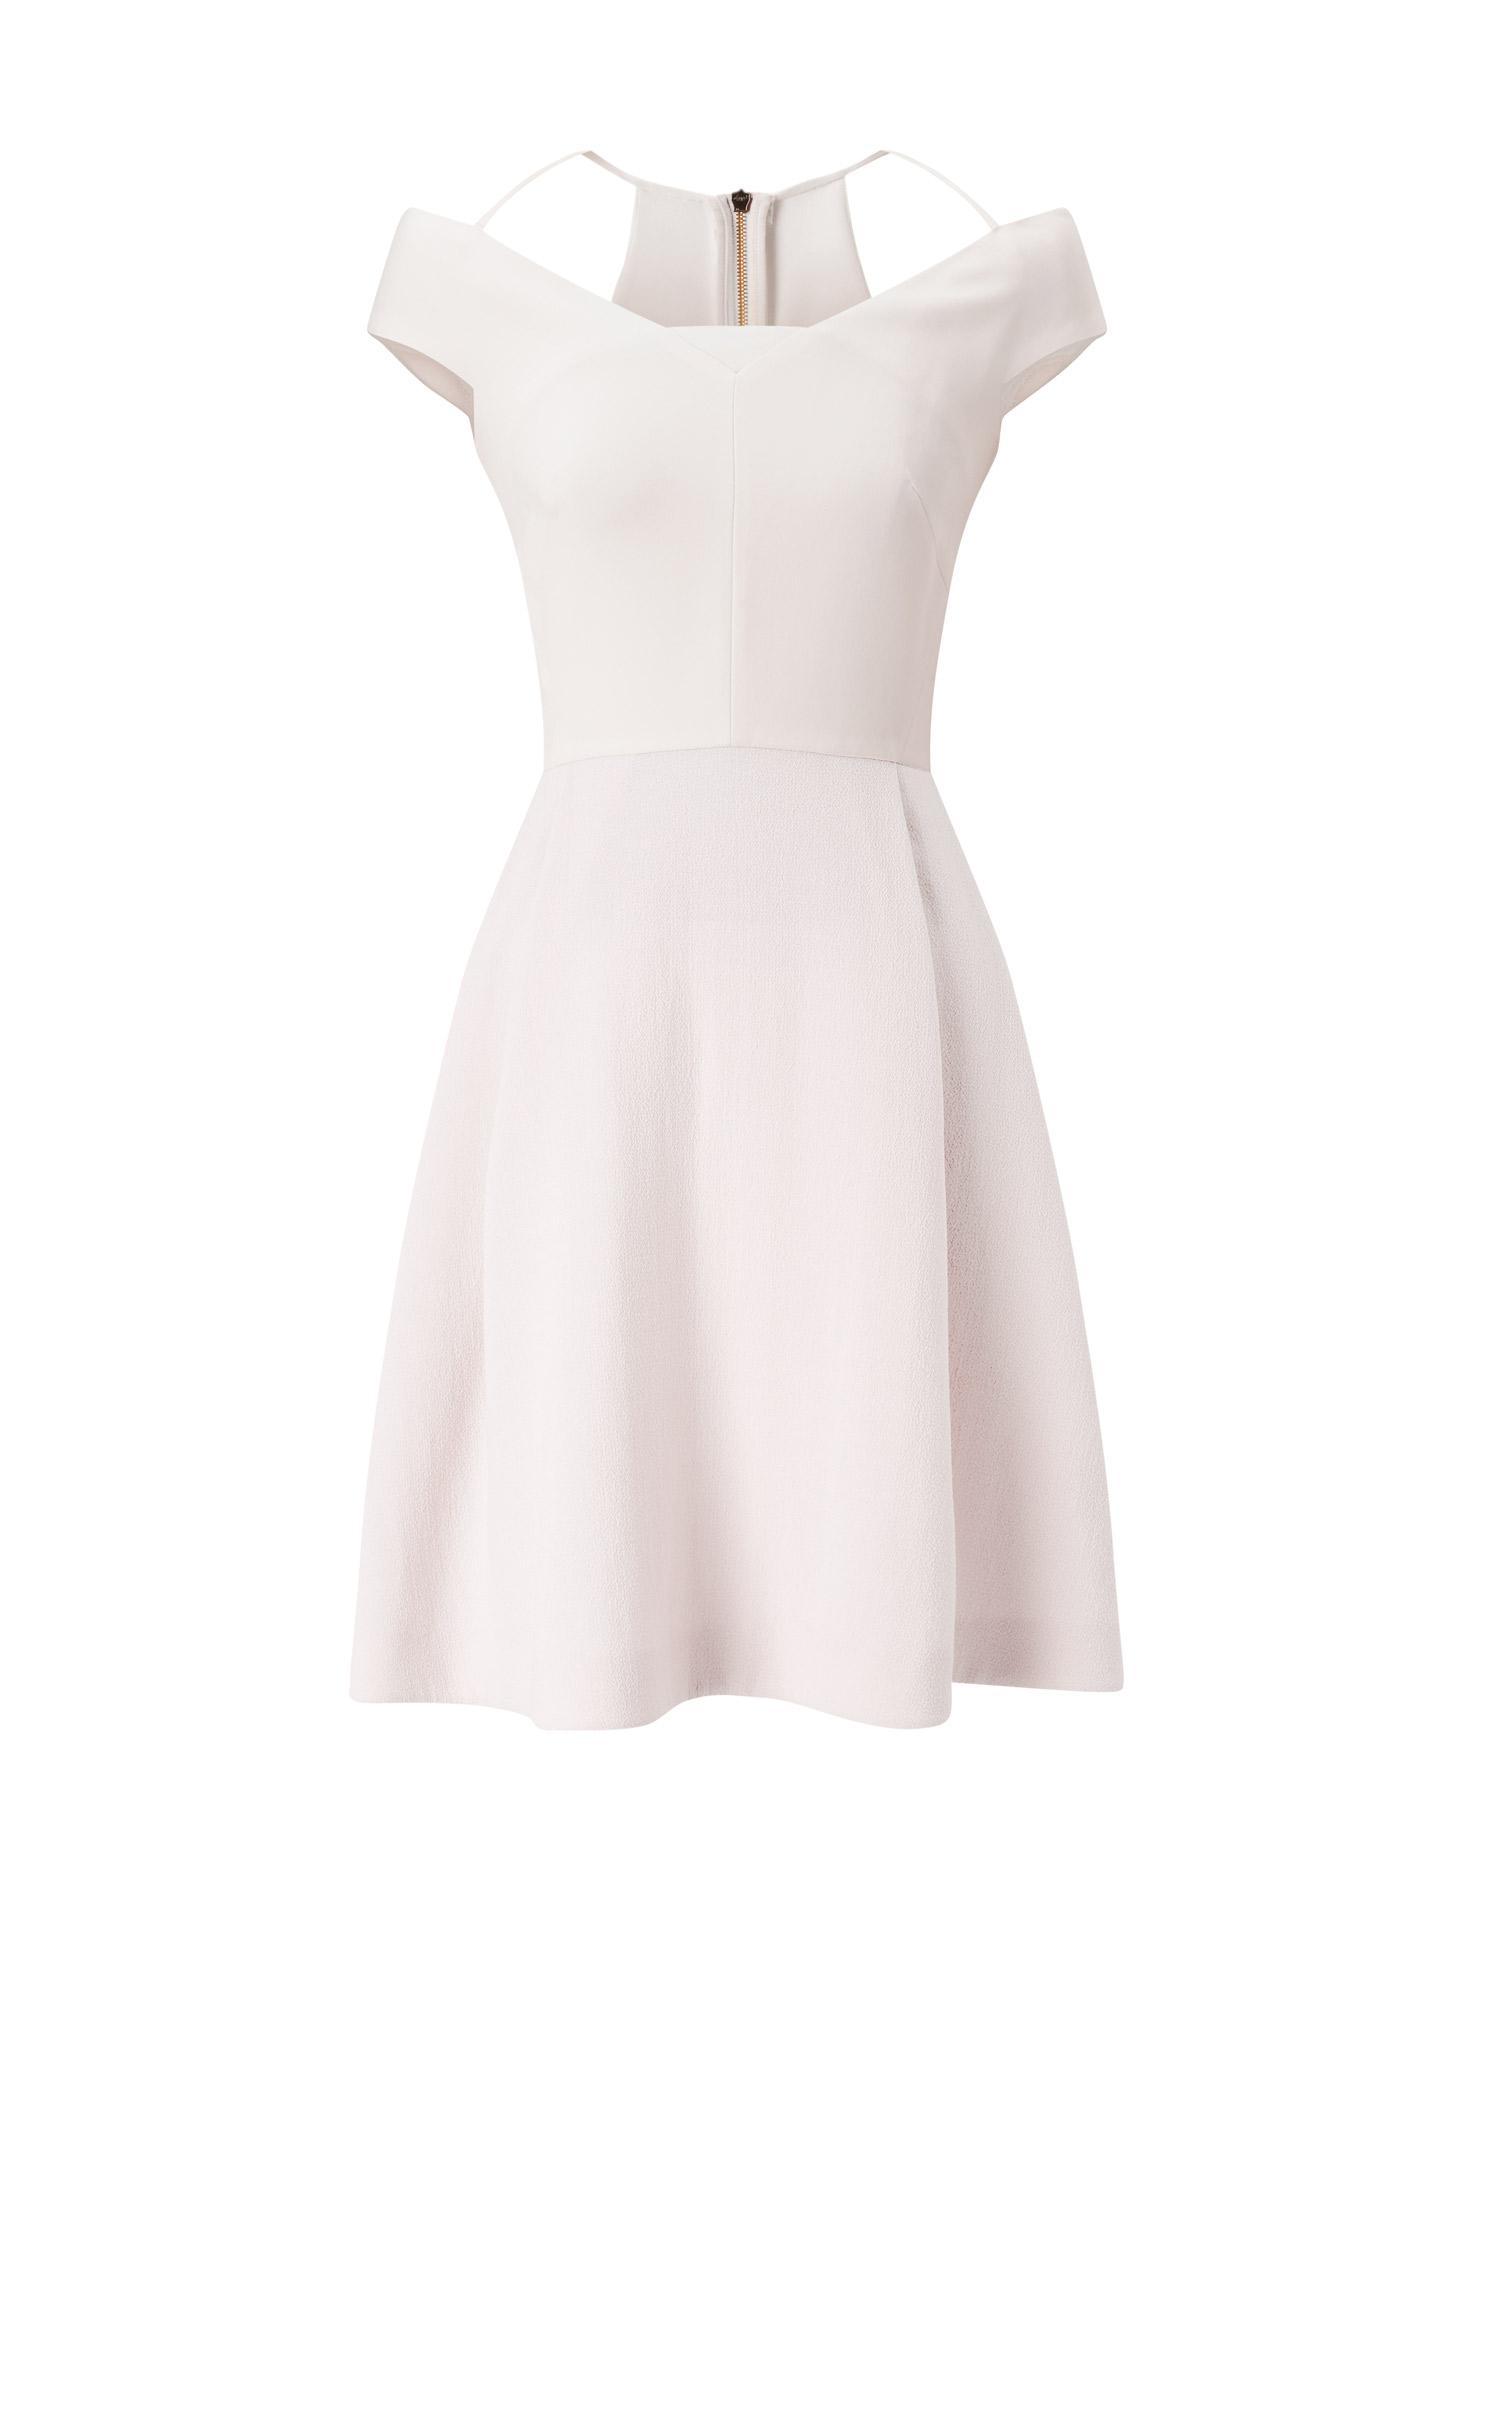 Roland mouret Natan Dress in White